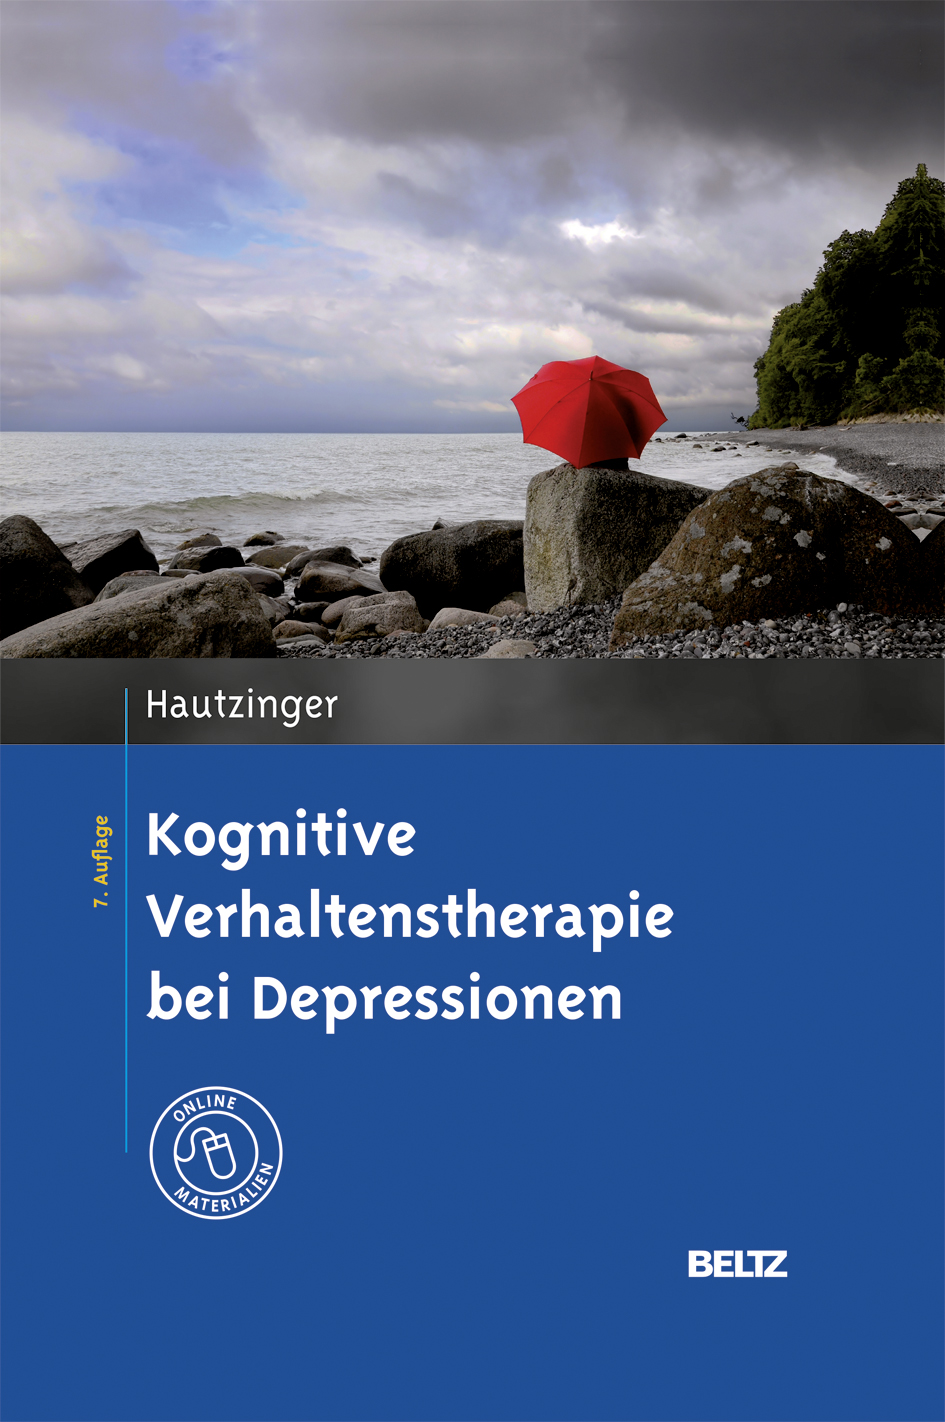 Großzügig Kognitive Verhaltenstherapie Bei Depressionen Arbeitsblatt ...